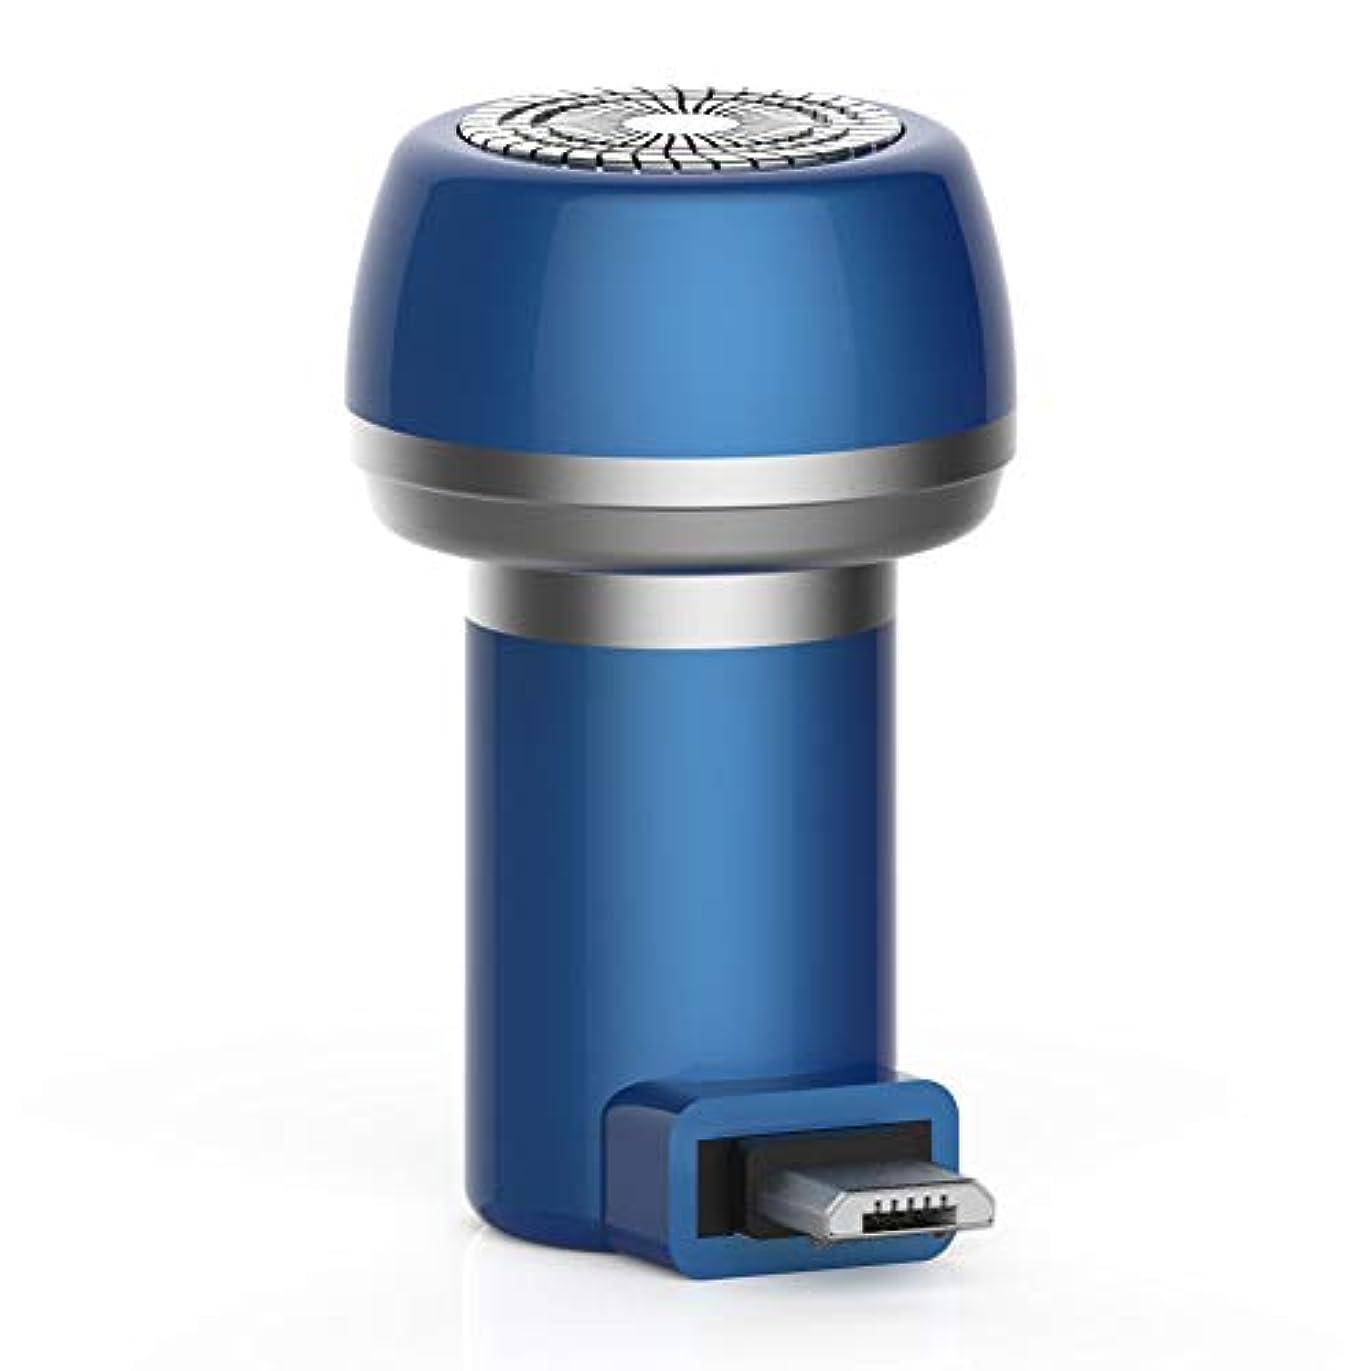 約束する無限アパルFuntoget  電気充電式シェーバー、2に付き1磁気電気シェーバーミニポータブルType-C USB防水耐久性剃刀